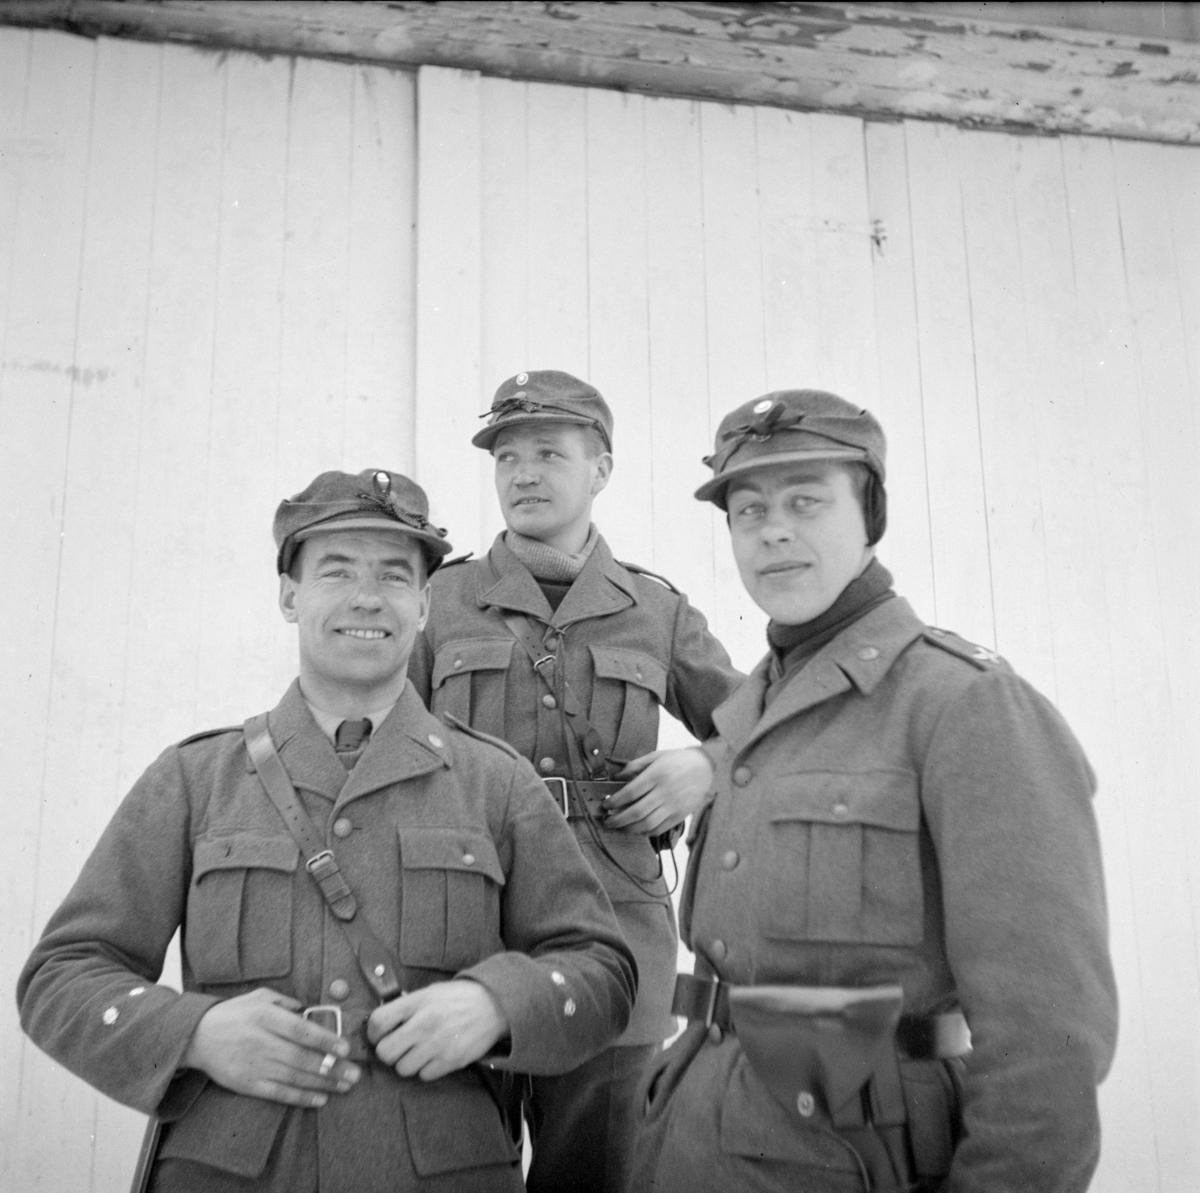 Grupporträtt. Tre militärer tillhörande Svenska frivilligkåren i Finland, F 19, står vid en husvägg.